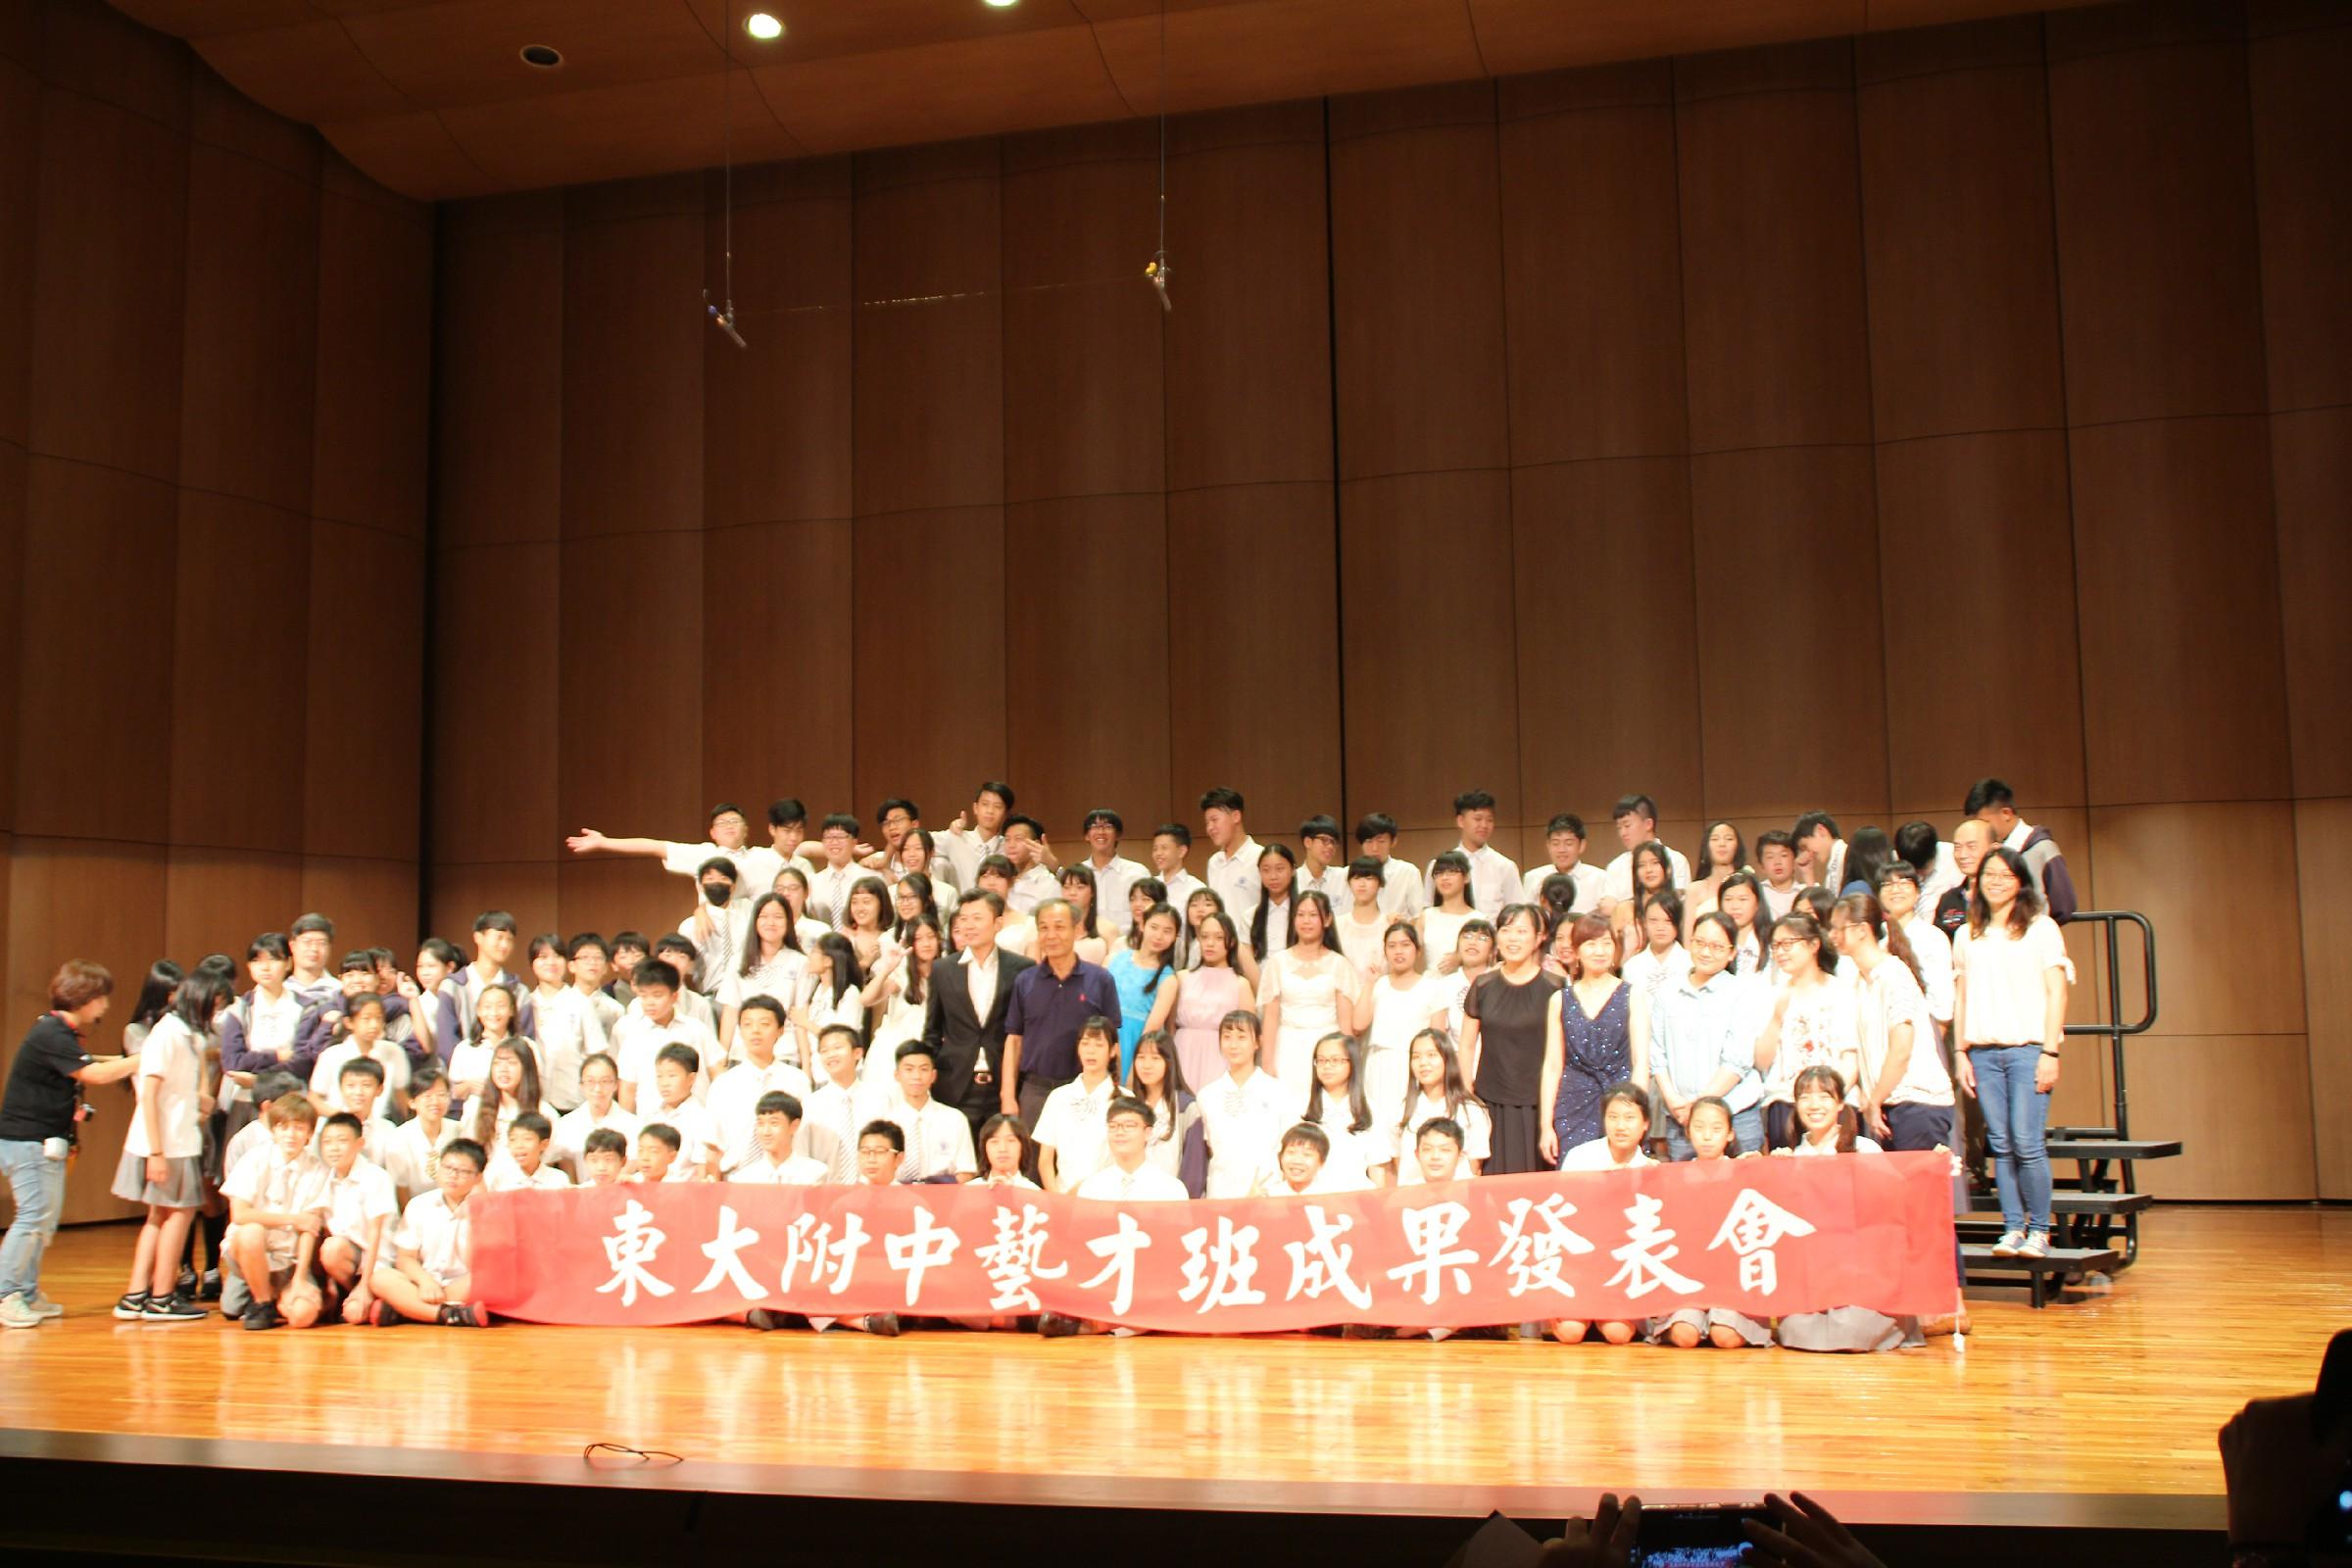 107學年度音樂組藝術才能成果發表